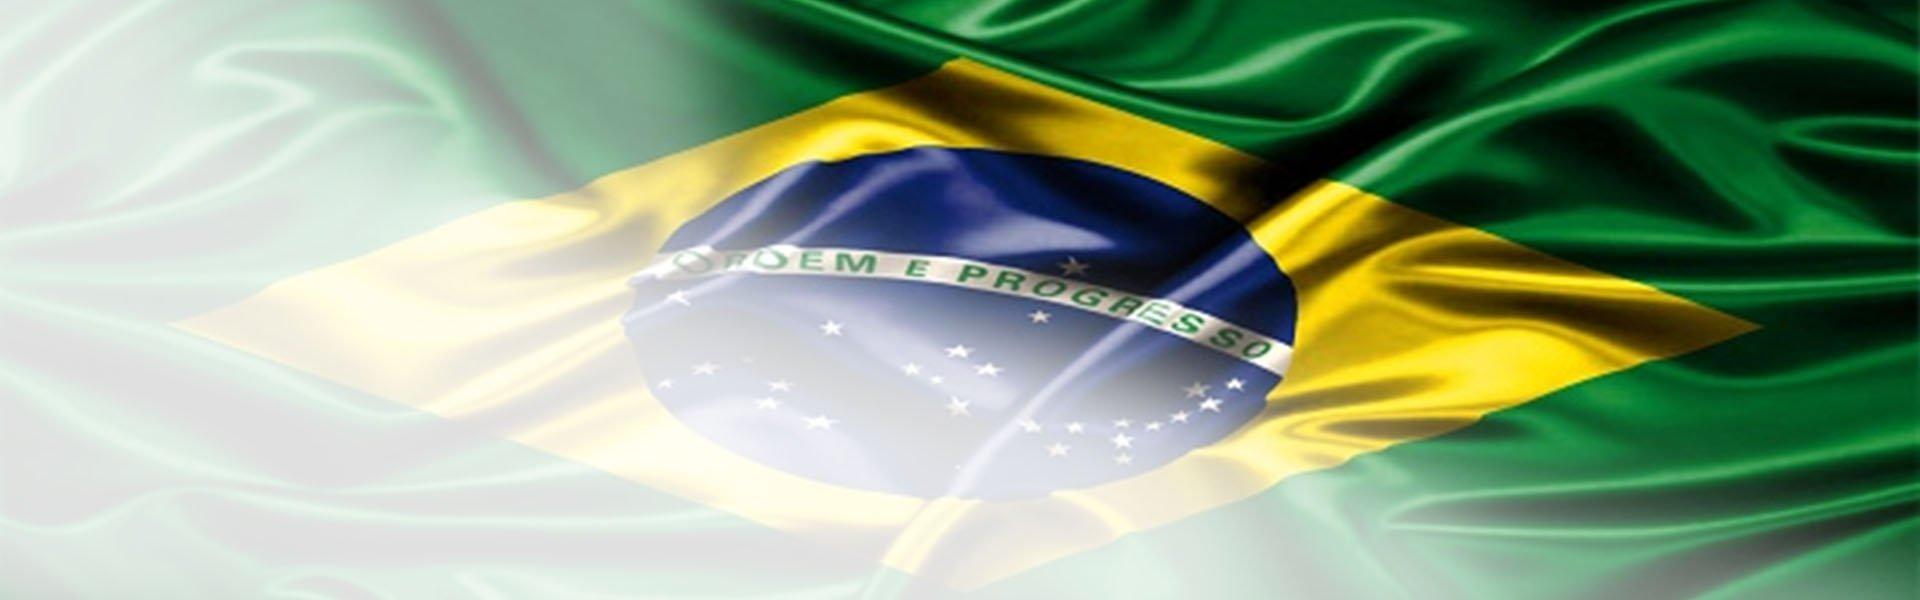 banderia do brasil